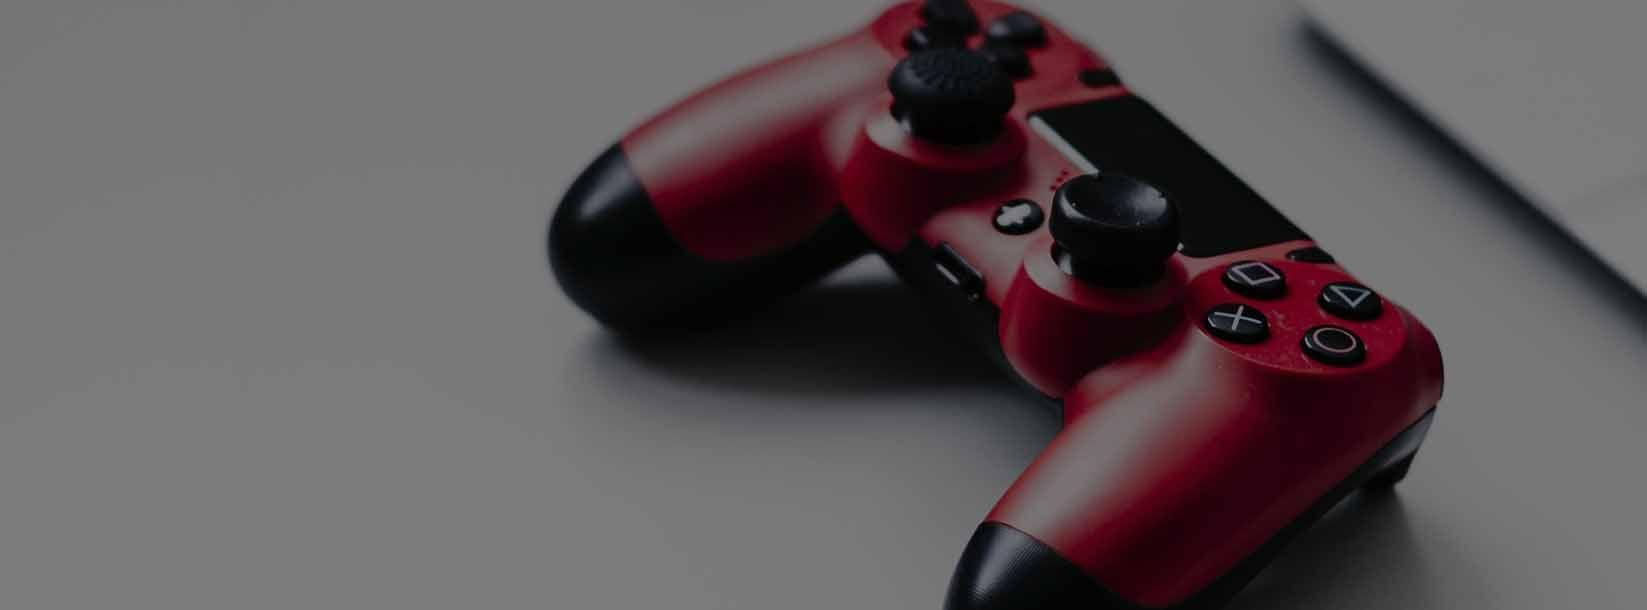 Oficinas empresas de videojuegos, diseñarlas no es juego de niños